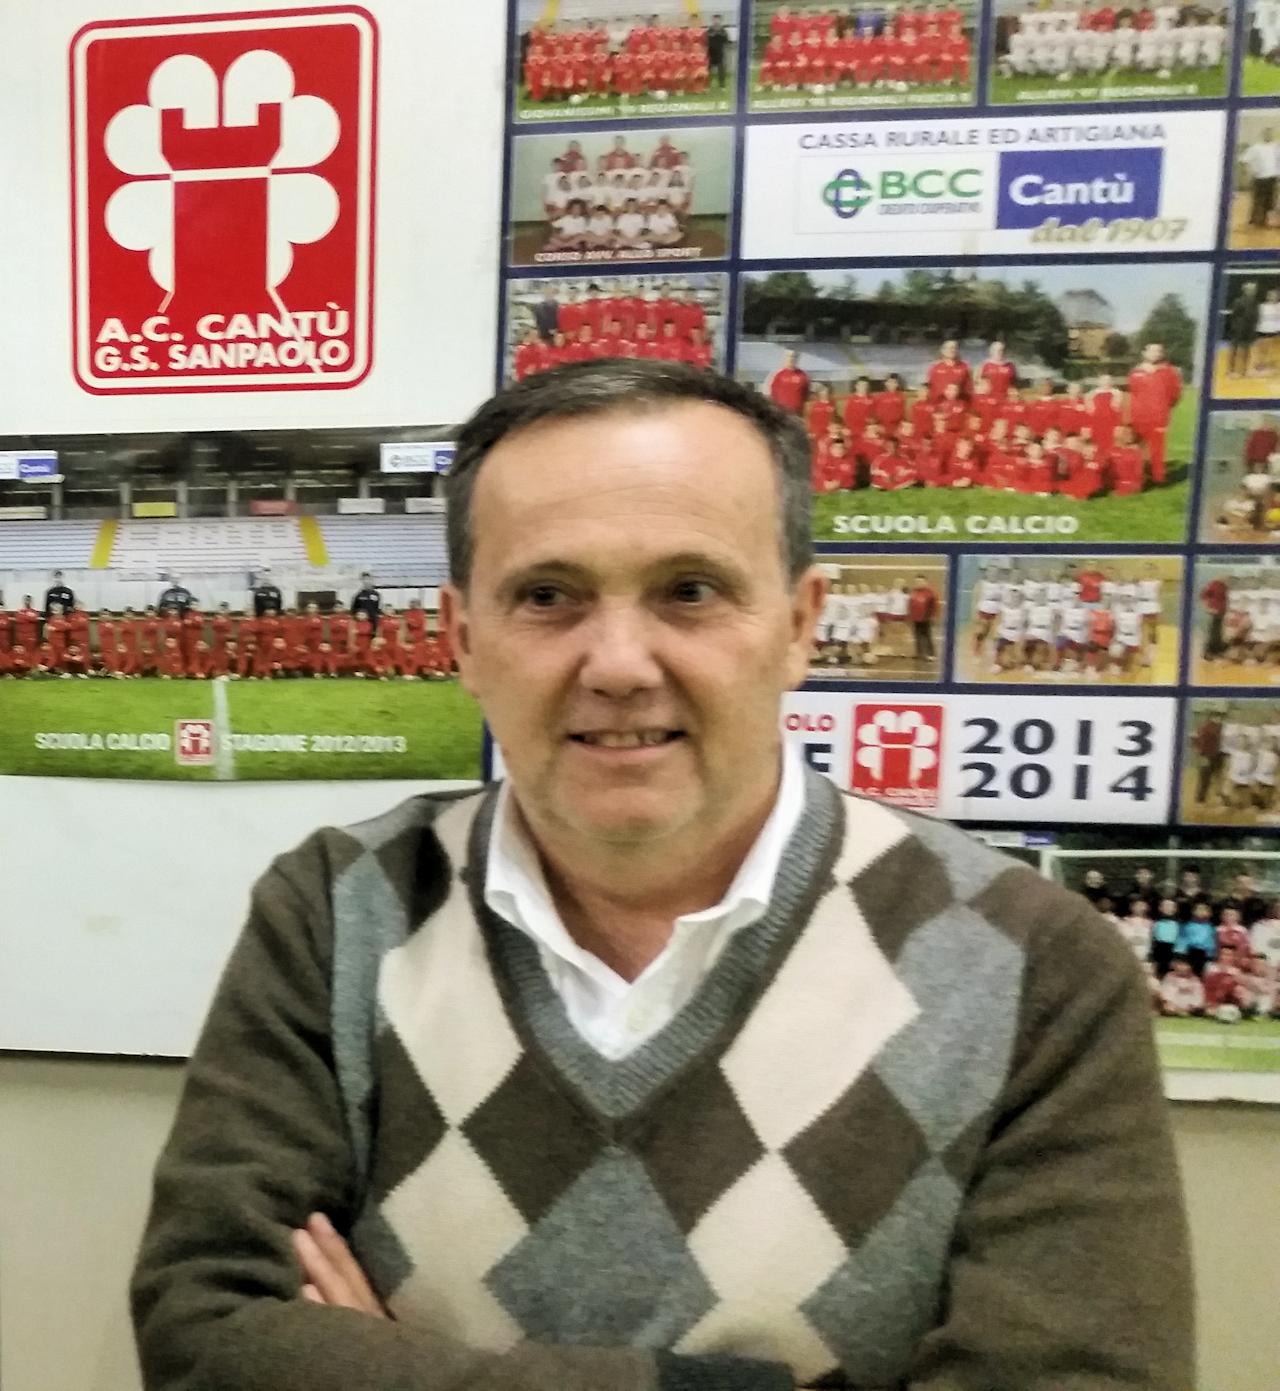 Intervista a Paolo Franzoso dei suoi primi 5 mesi al Cantù.